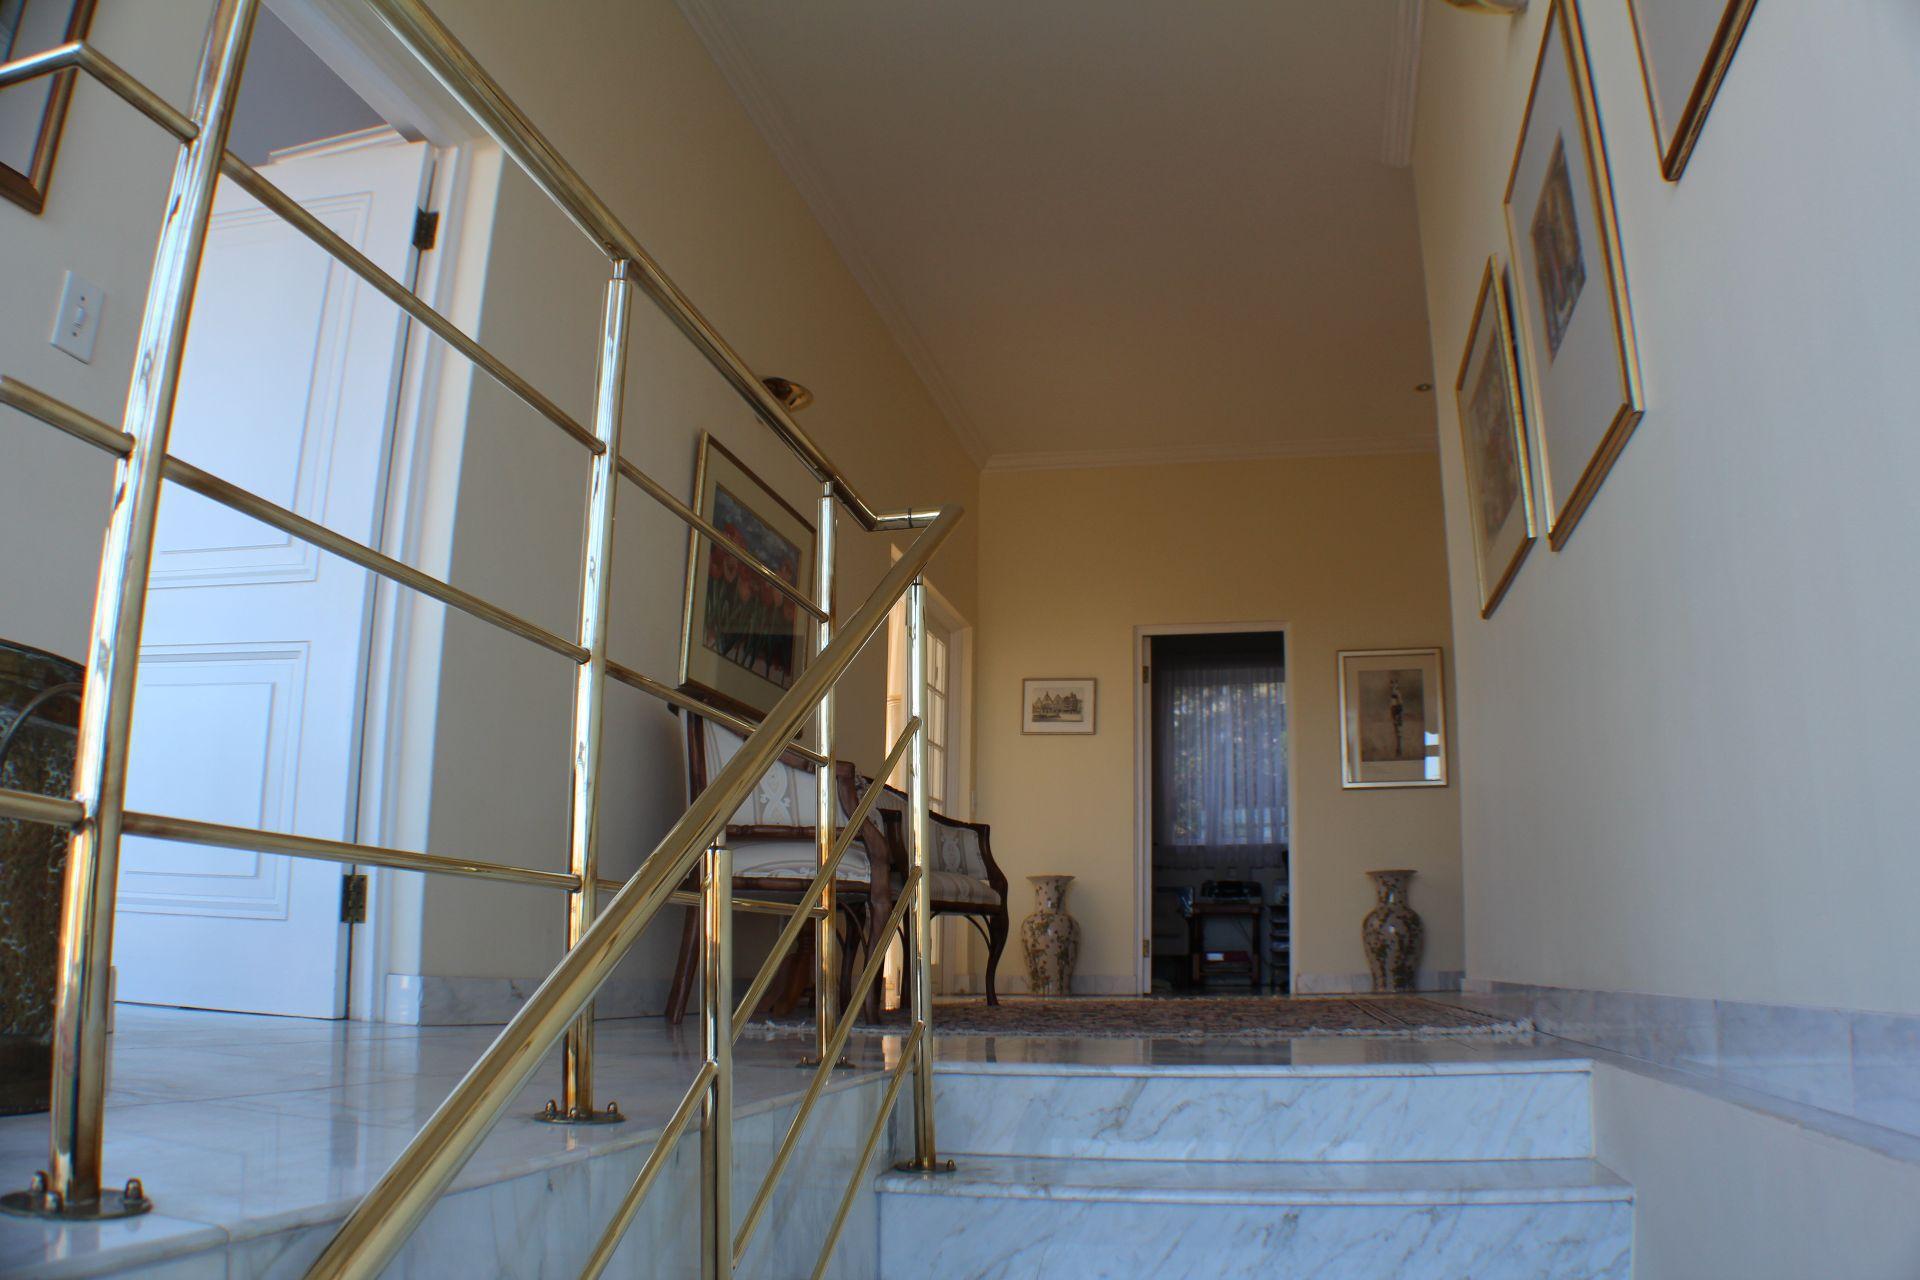 Erinvale Golf Estate property for sale. Ref No: 13509371. Picture no 7